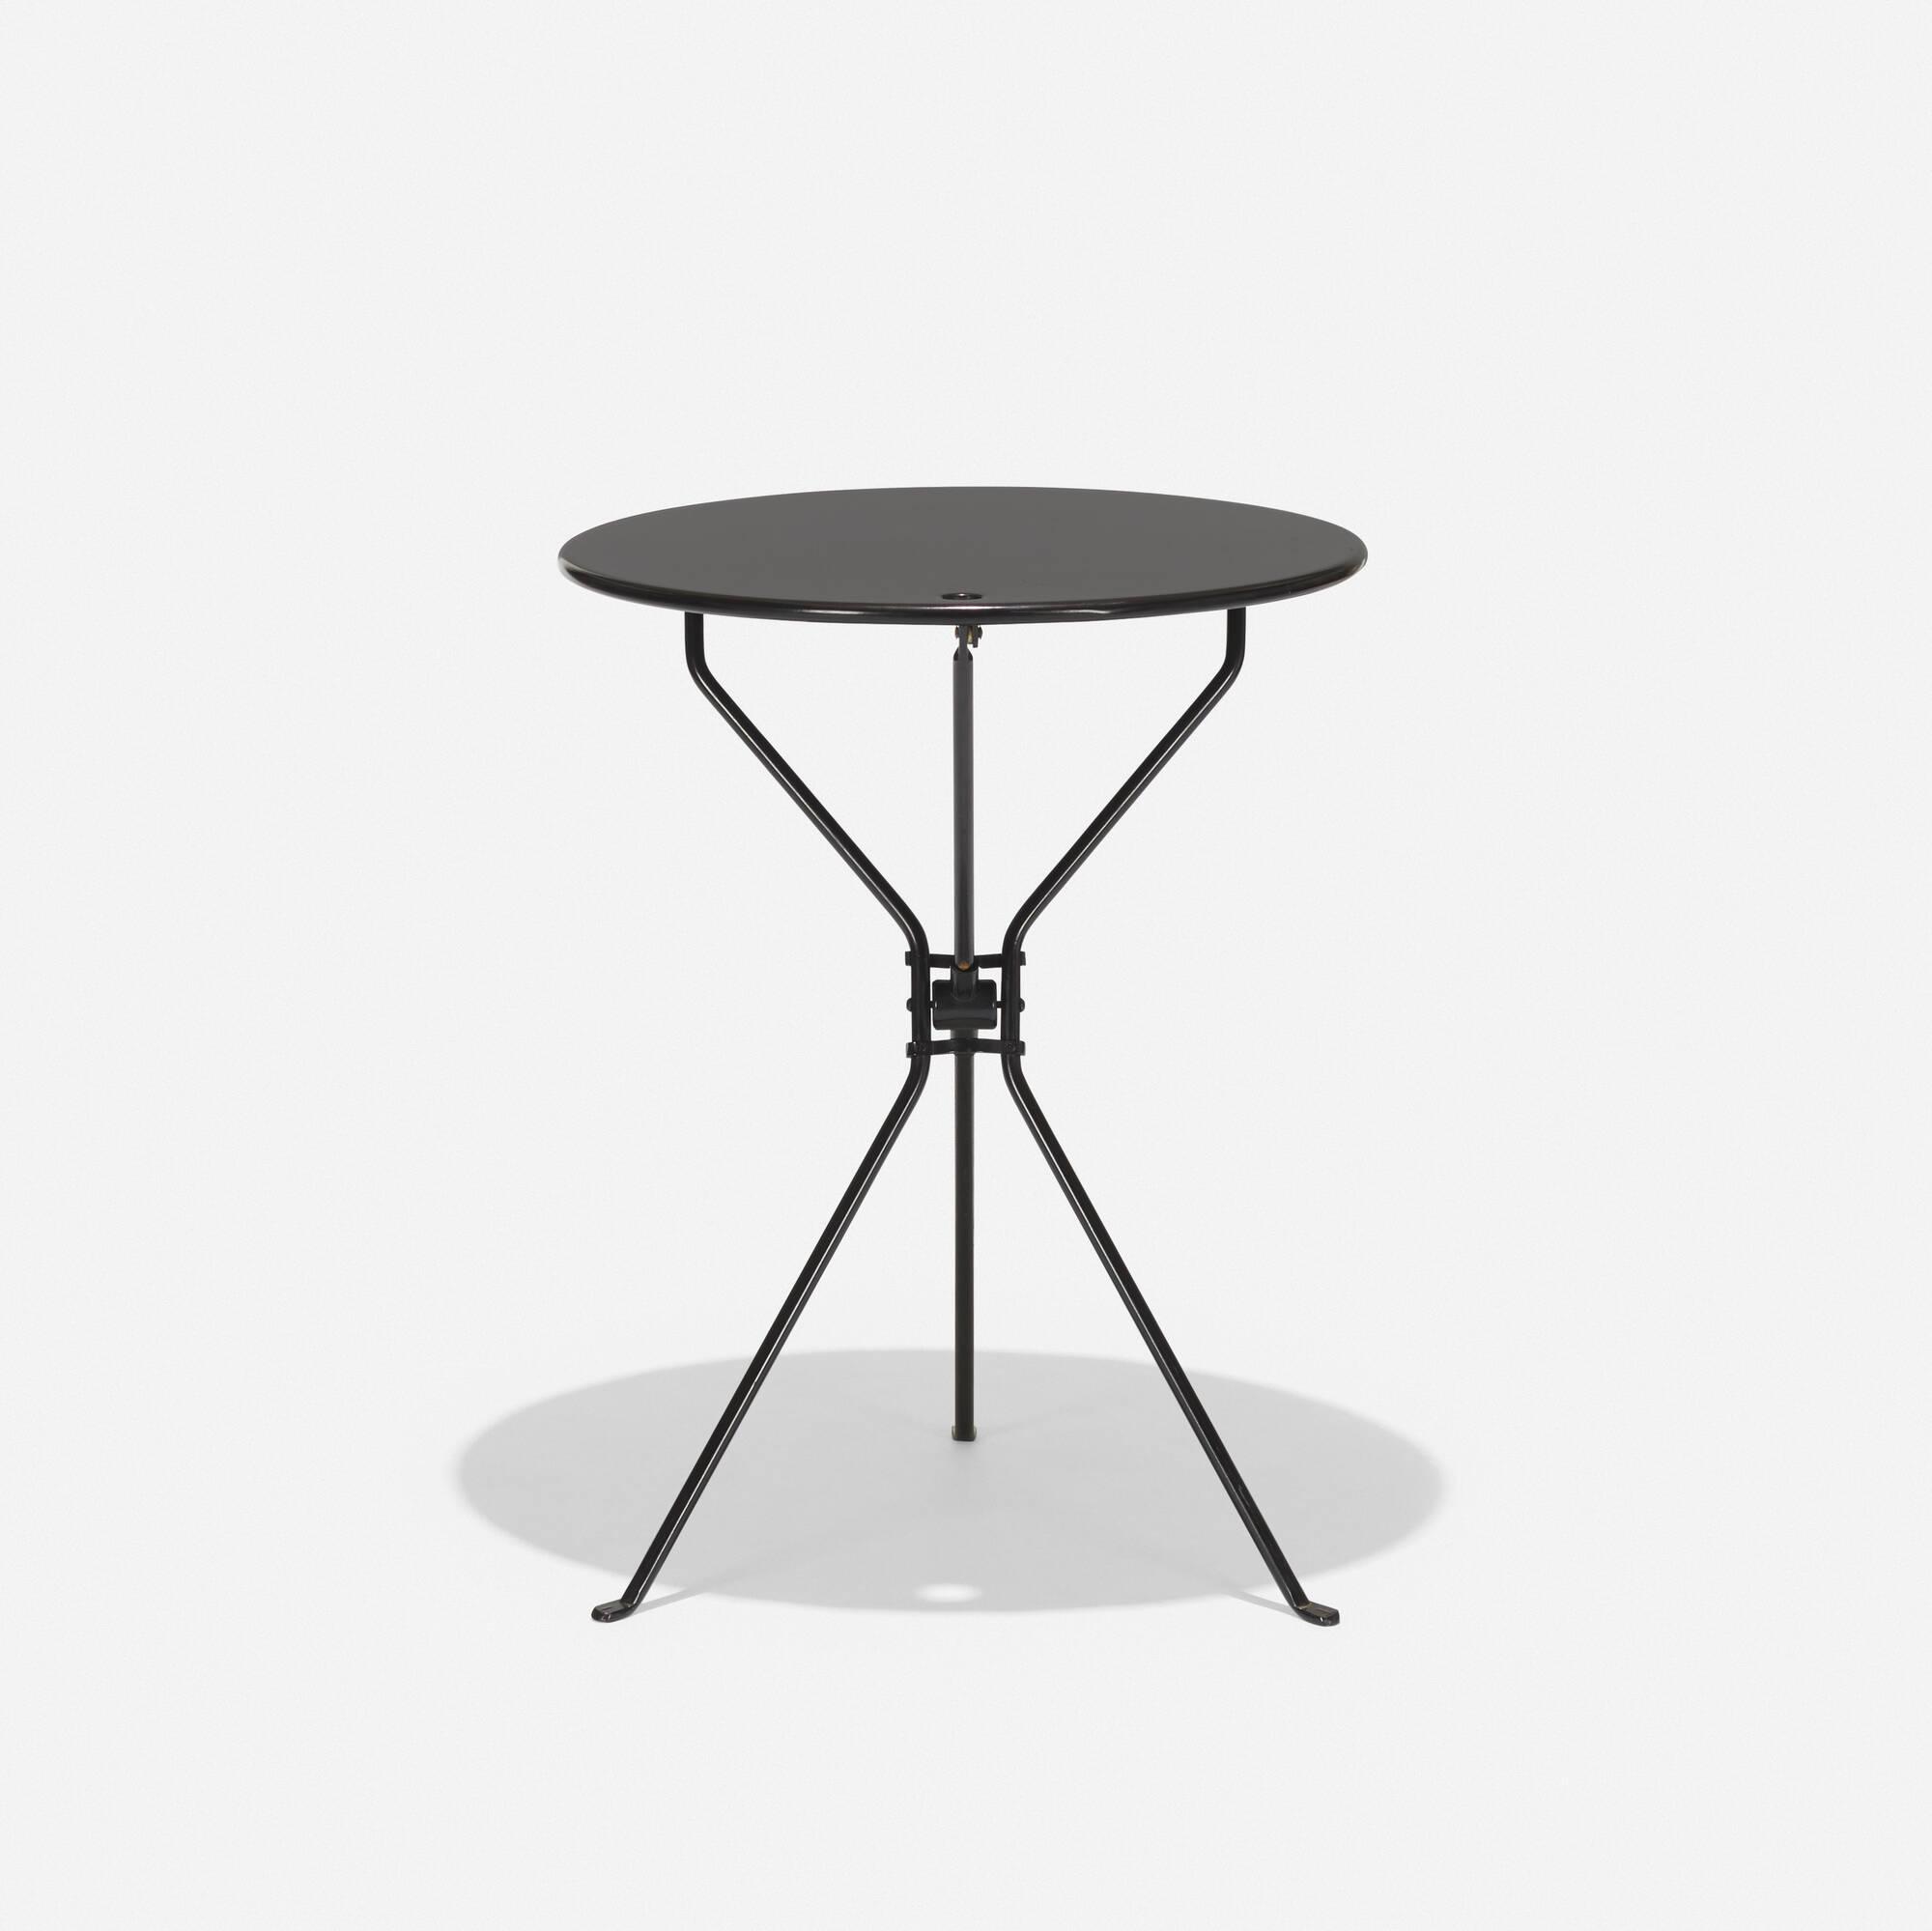 365: Achille Castiglioni / Cumano folding table (1 of 3)